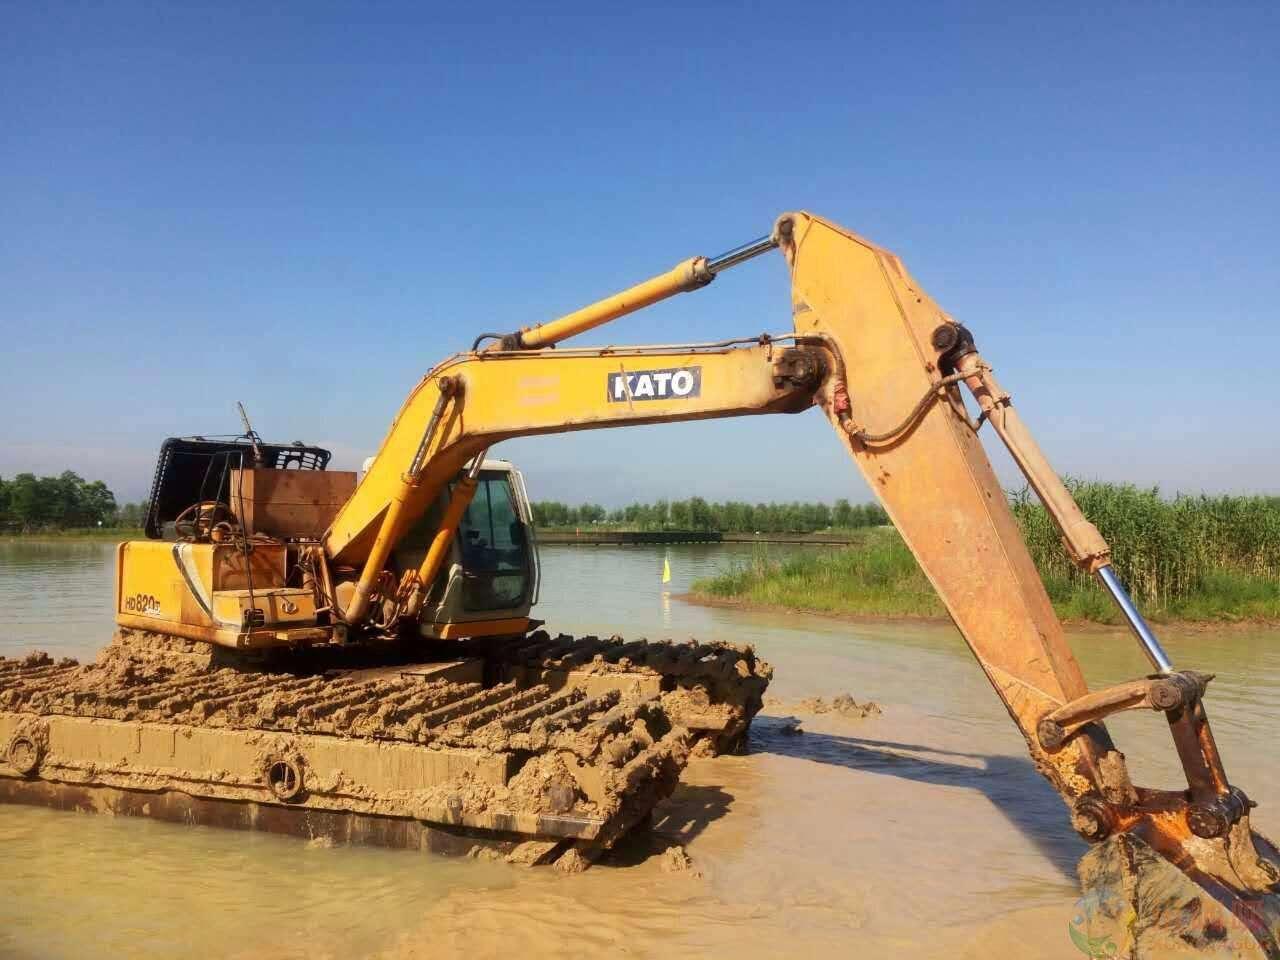 新疆维吾尔自治区水陆两用挖掘机租赁价格